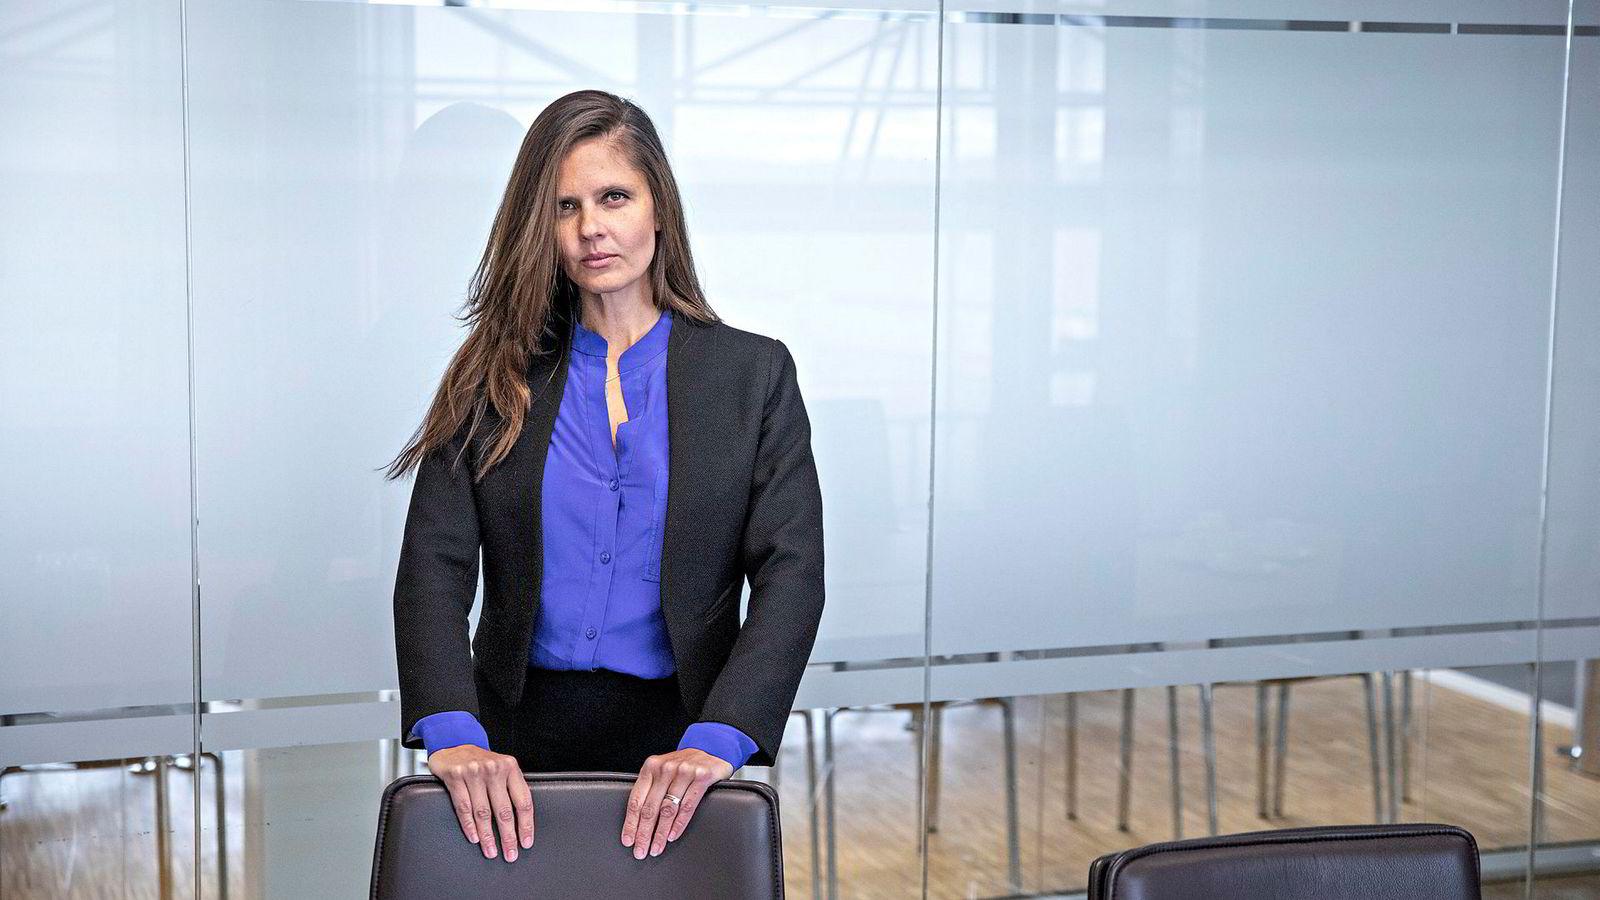 Oljeanalytiker Nadia Martin Wiggen i Pareto tror markedet fremover kommer til å bli volatilt.